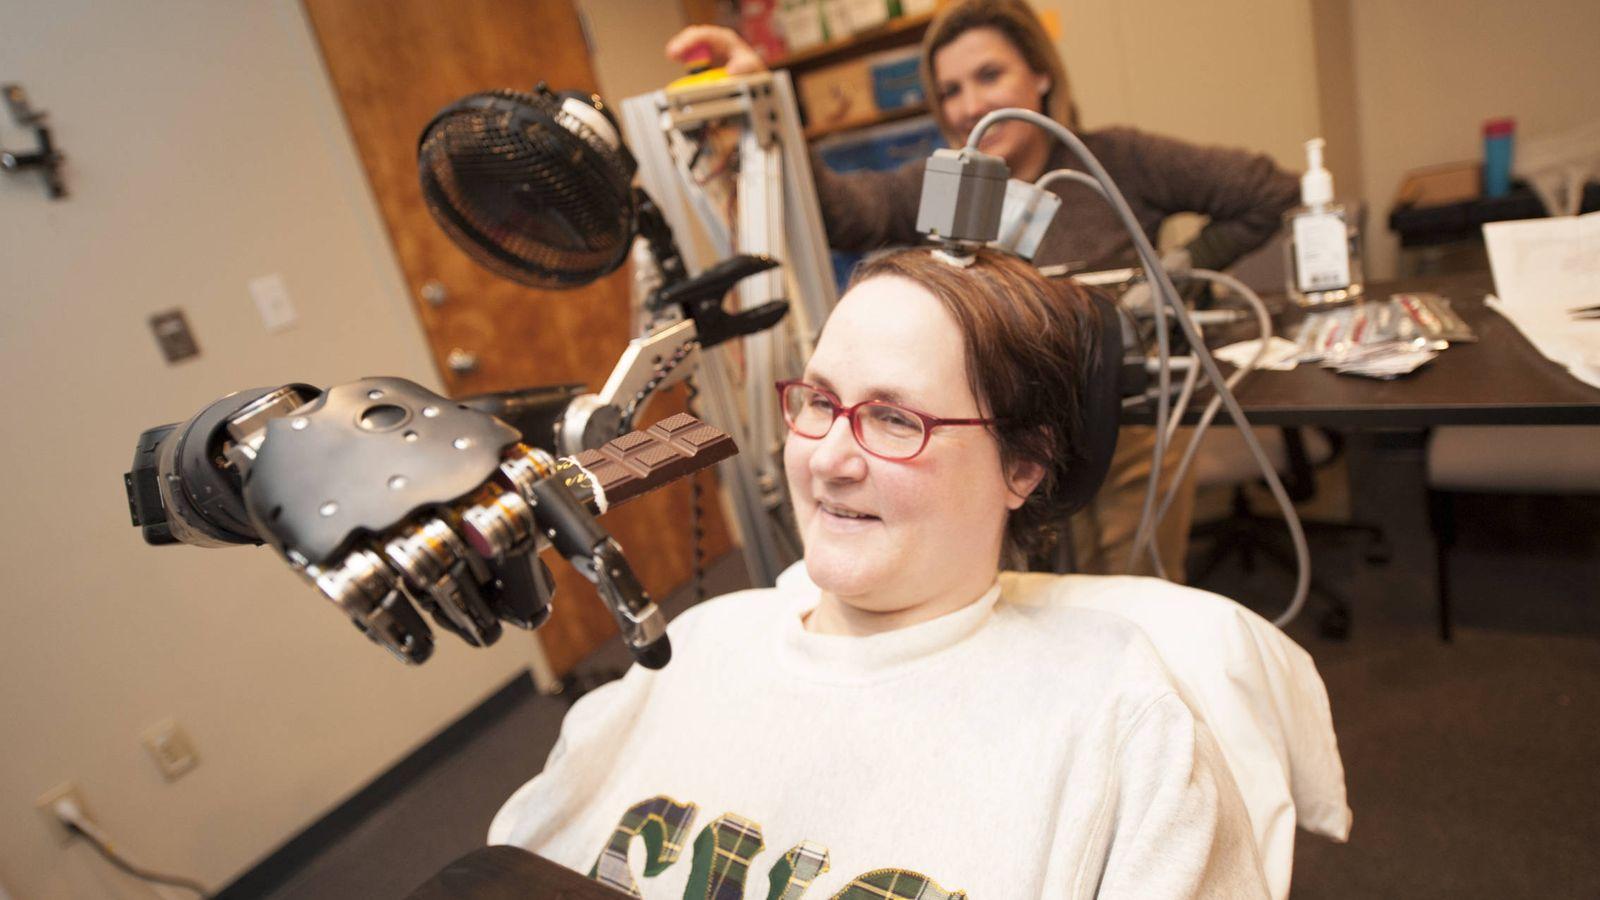 Foto: Jan Scheuermann controló un brazo robótico con la mente en 2014